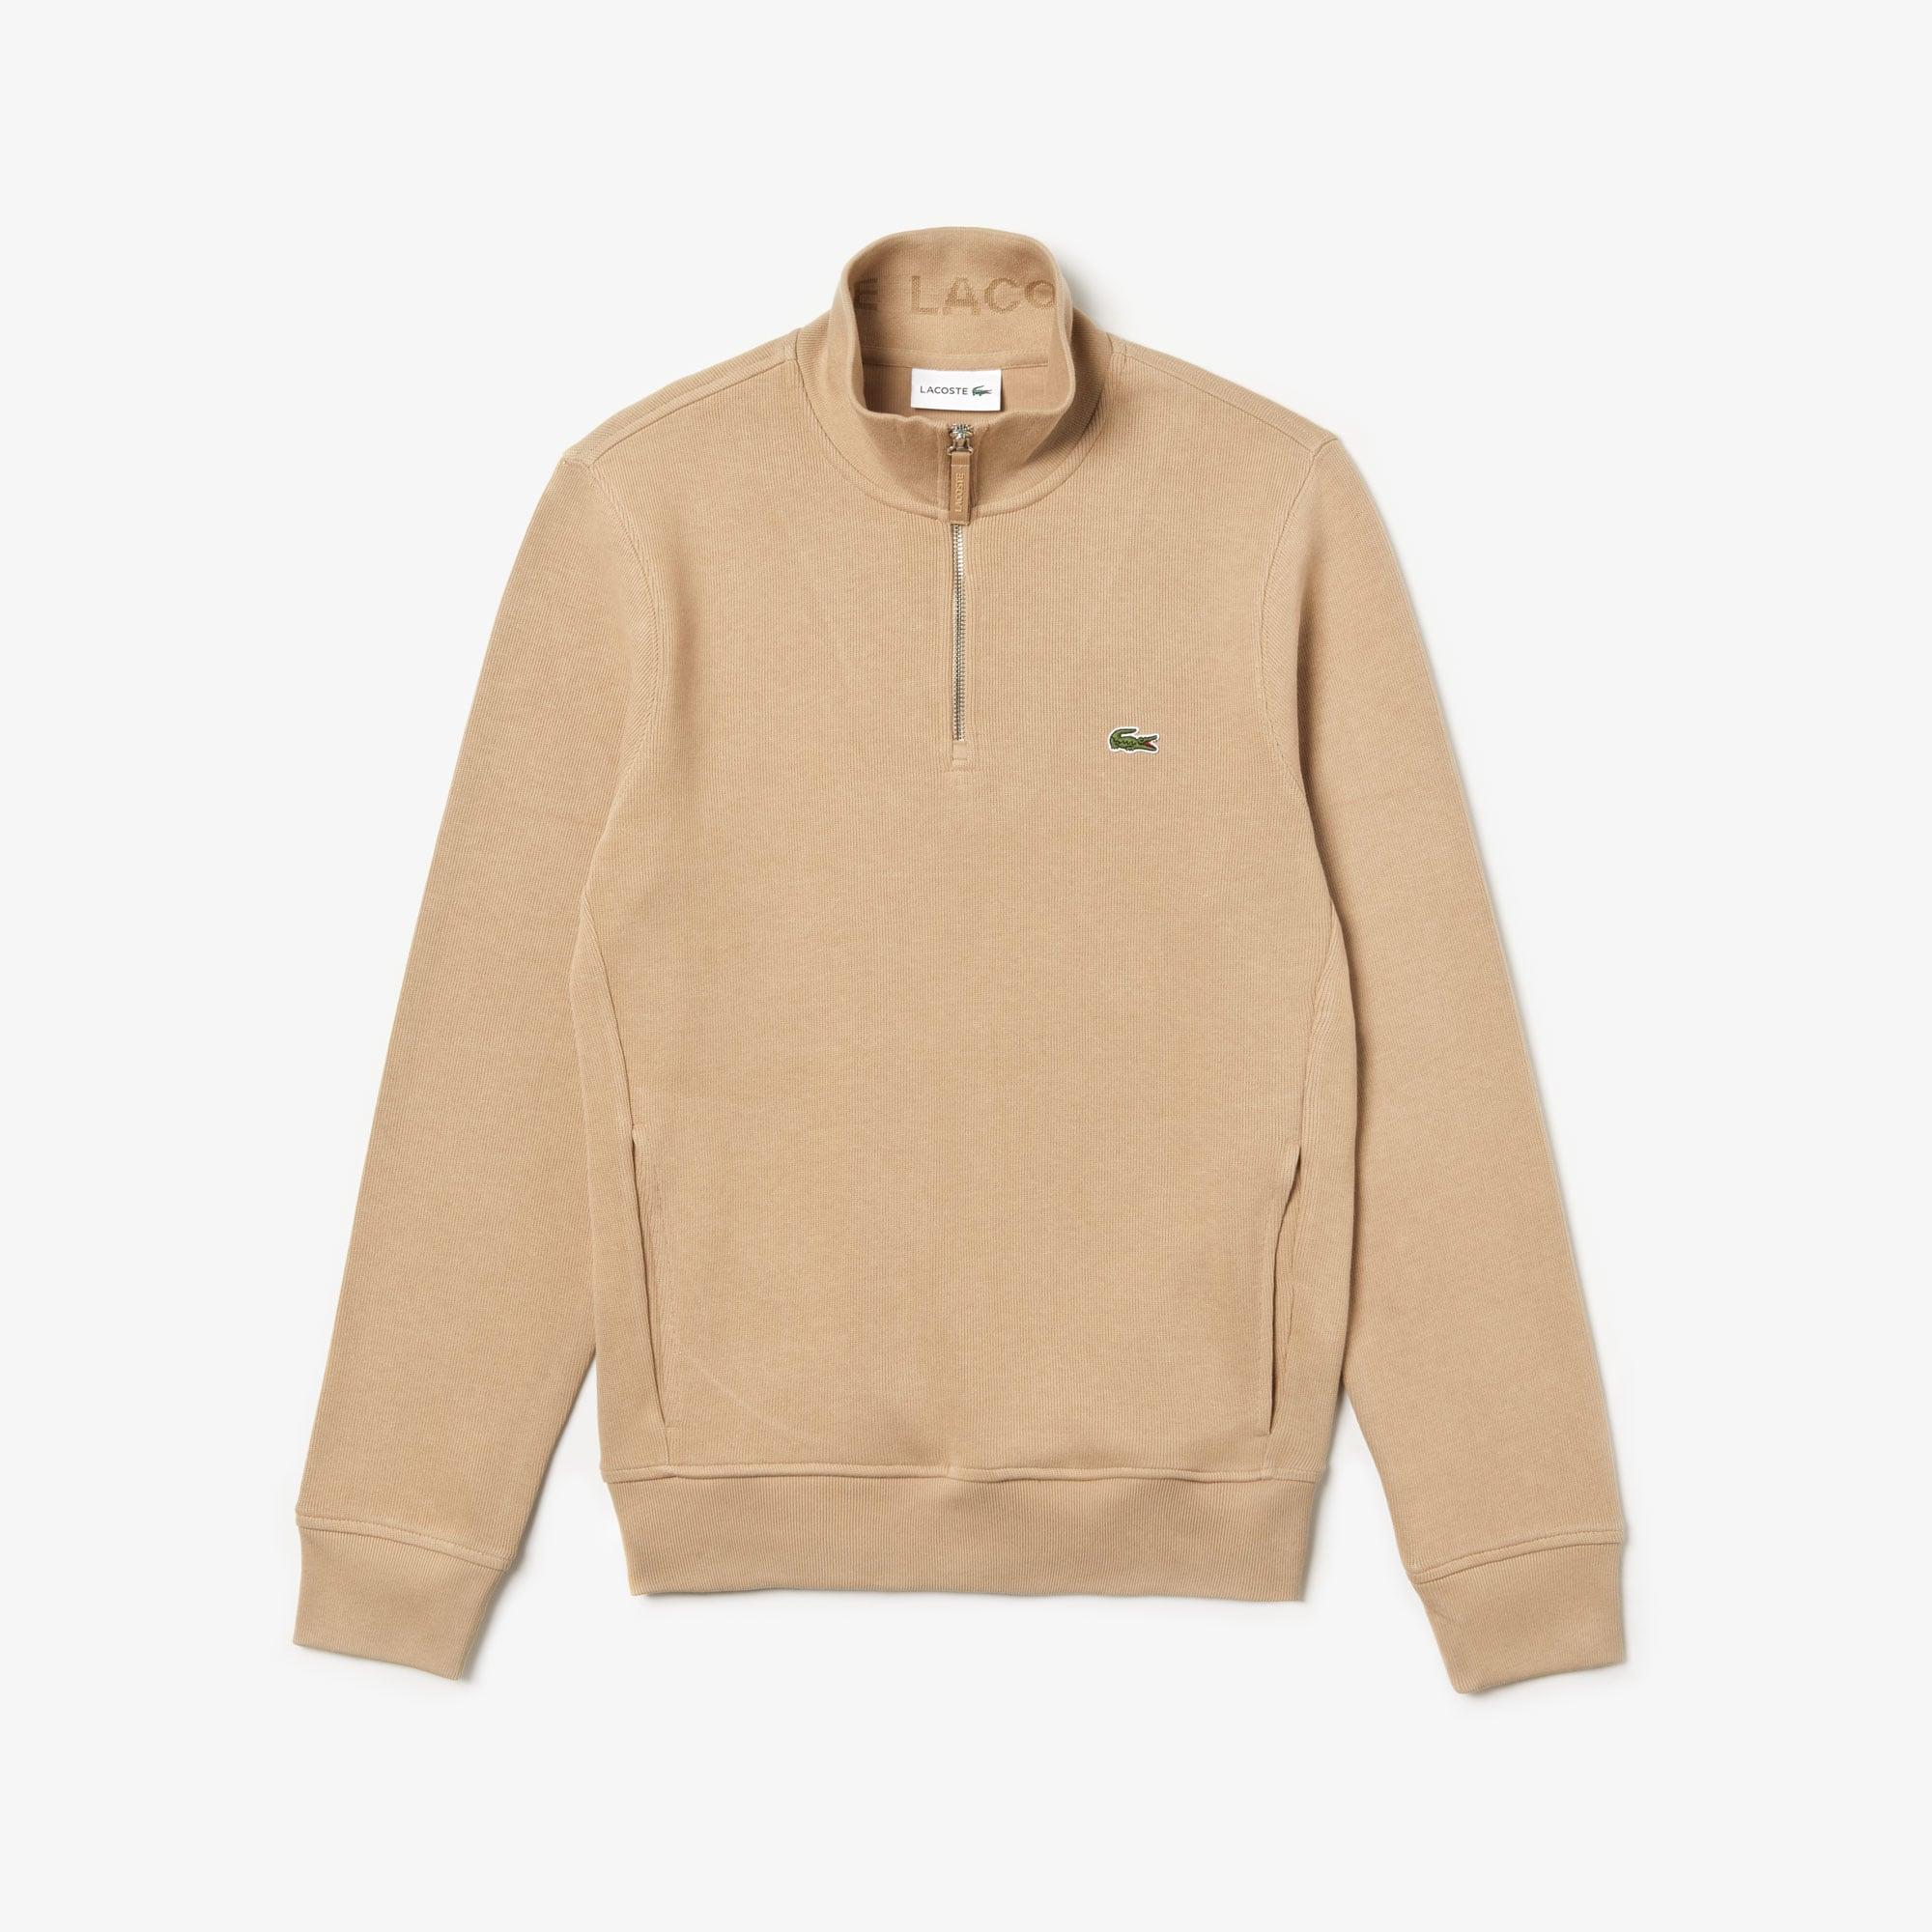 Lacoste Tops Men's Standup-Collar Cotton Sweatshirt